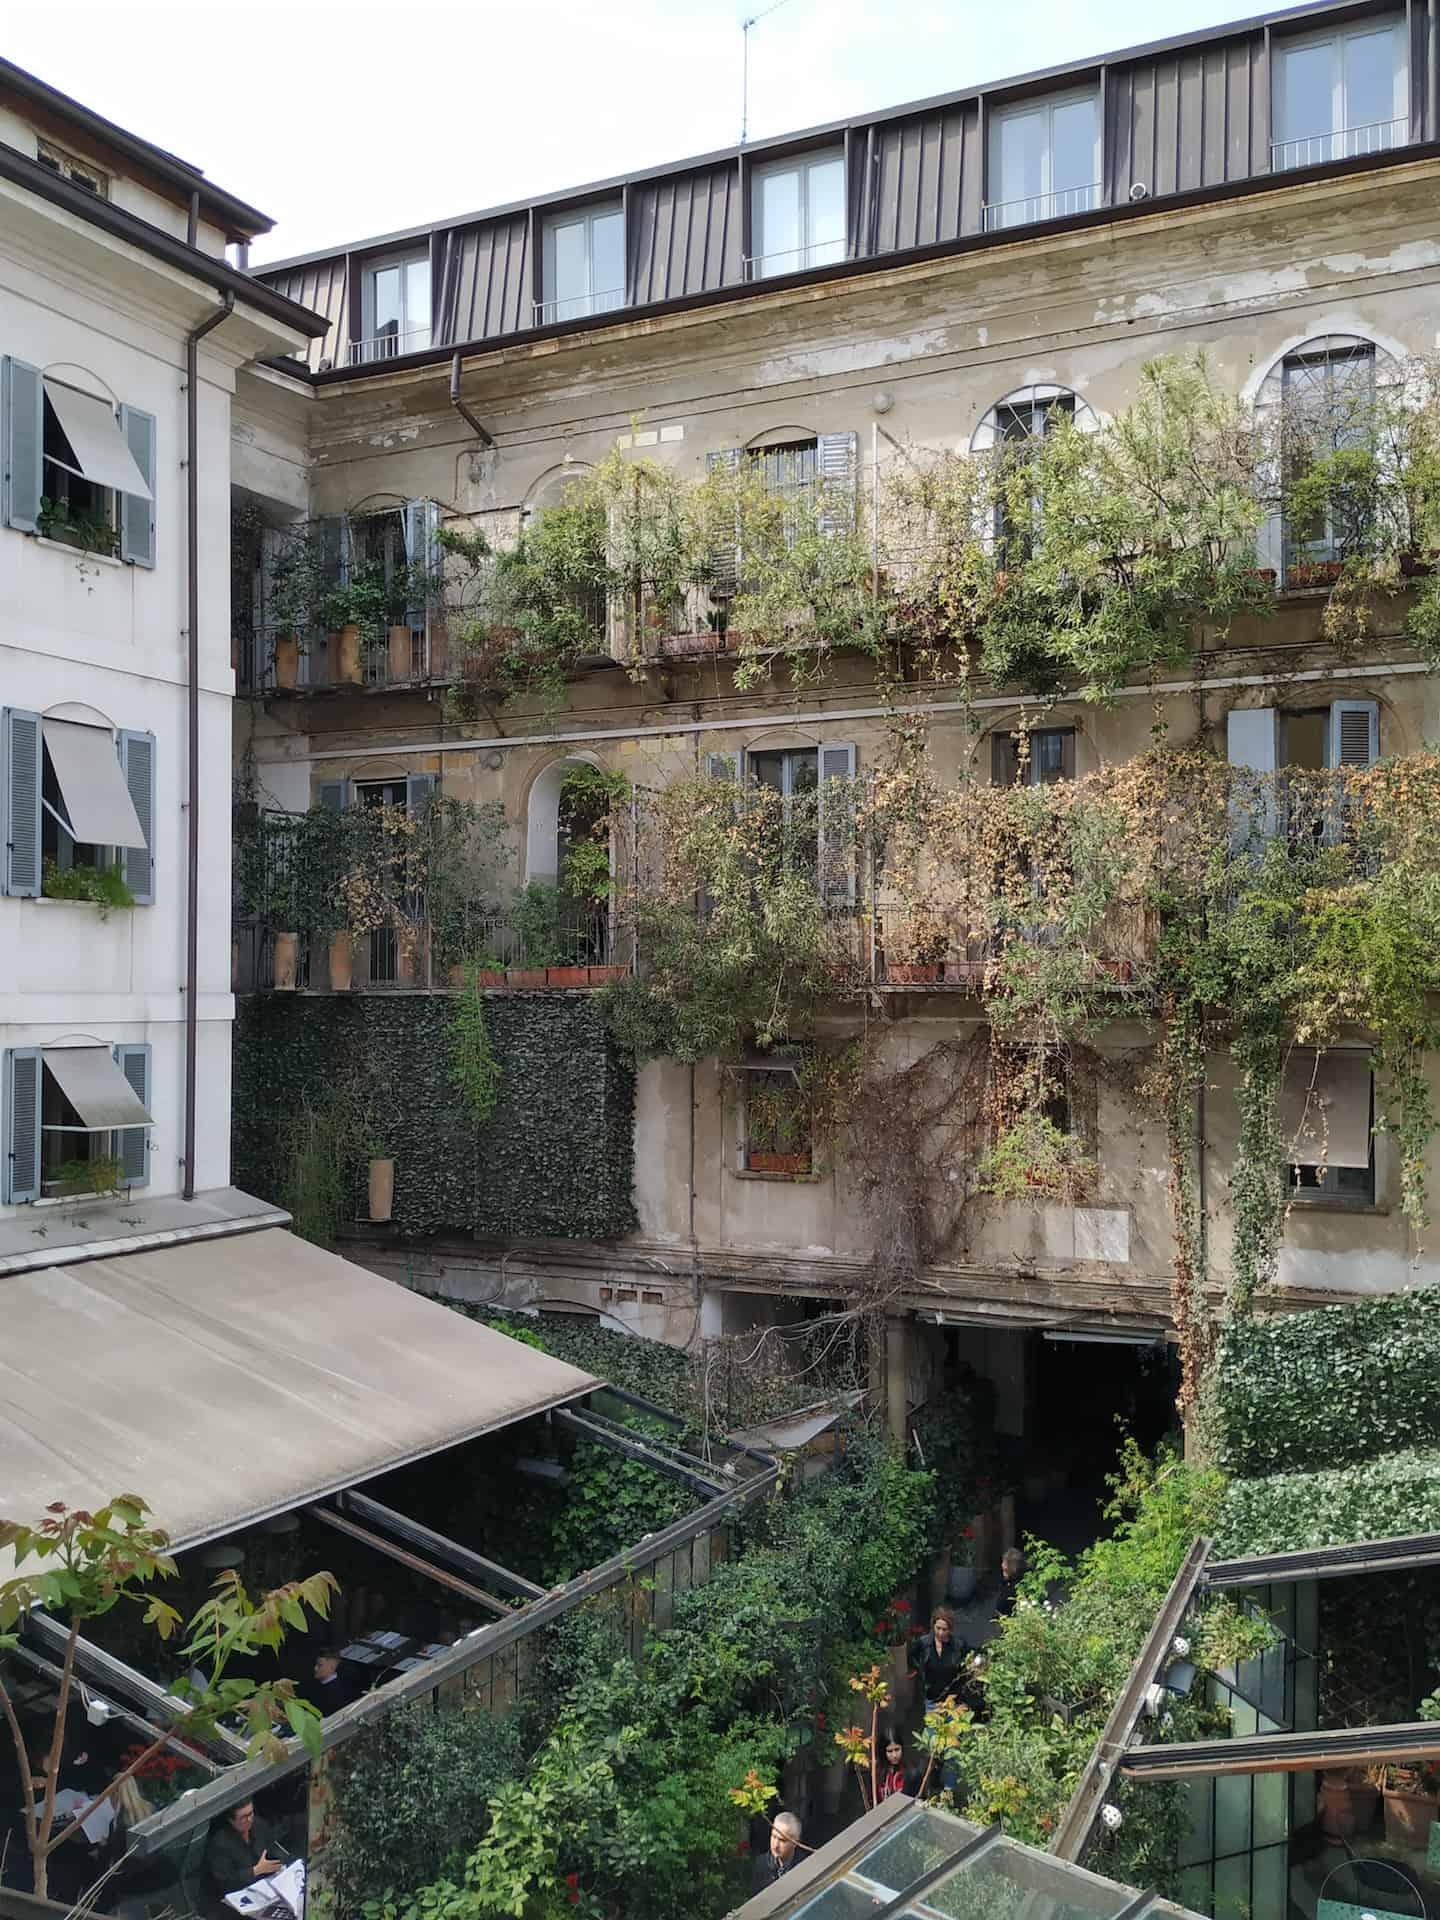 10 Corso Como, designed by Kris Rush in Milan